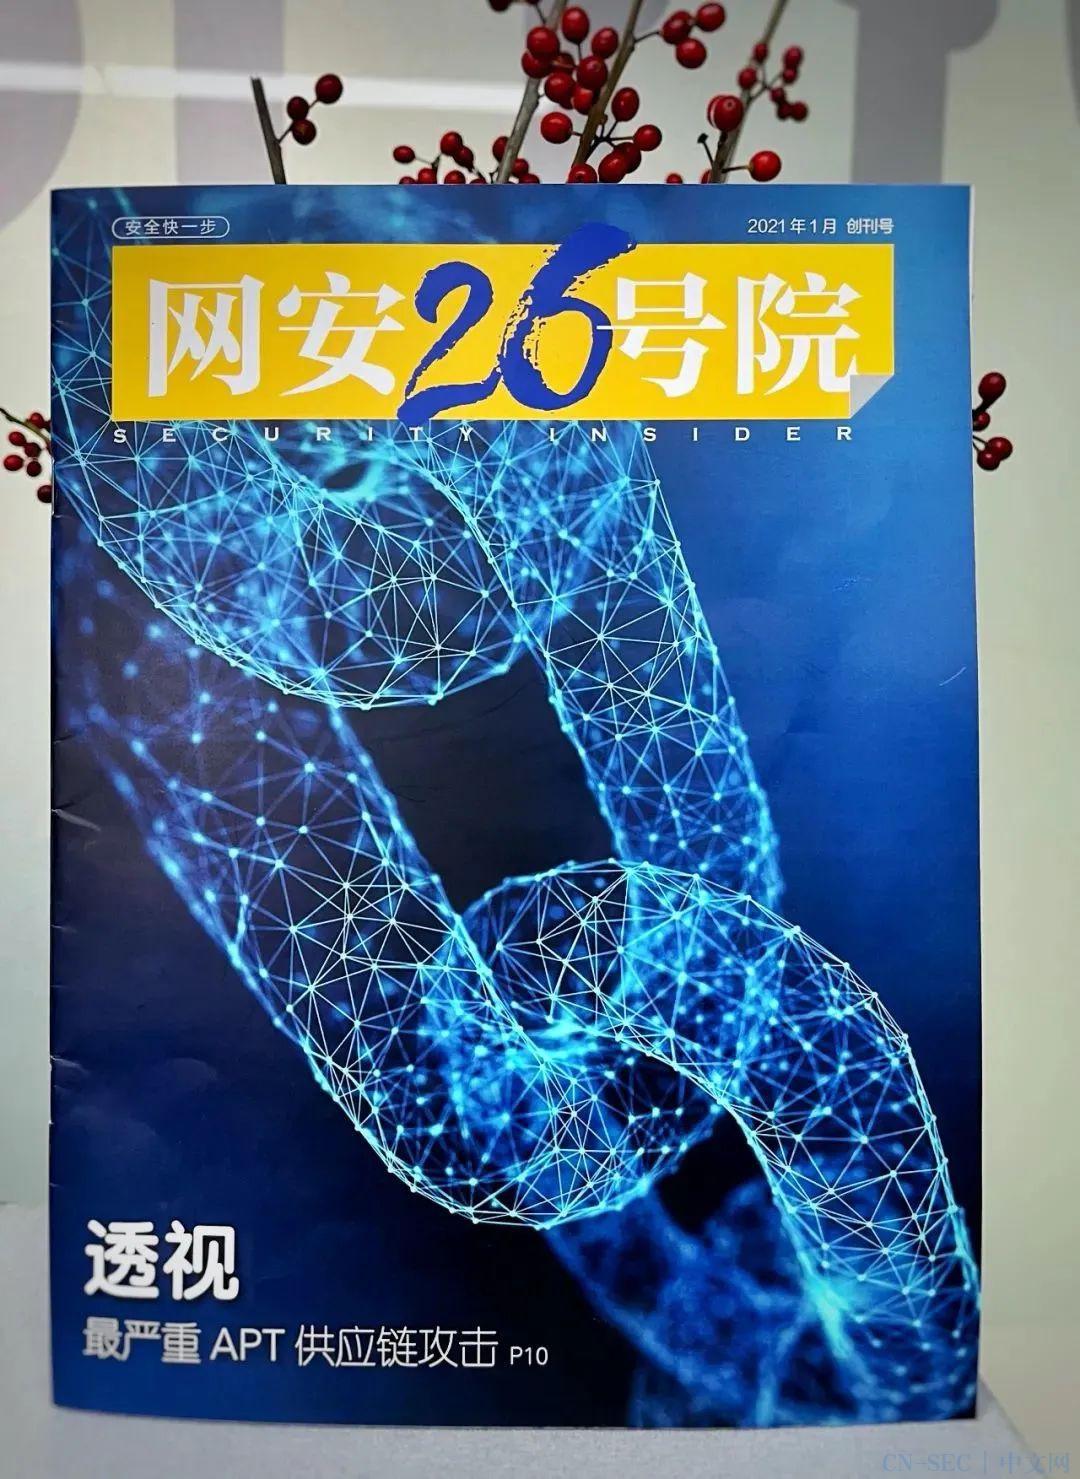 【2021感恩回馈】8本网络安全权威报告免费赠送!